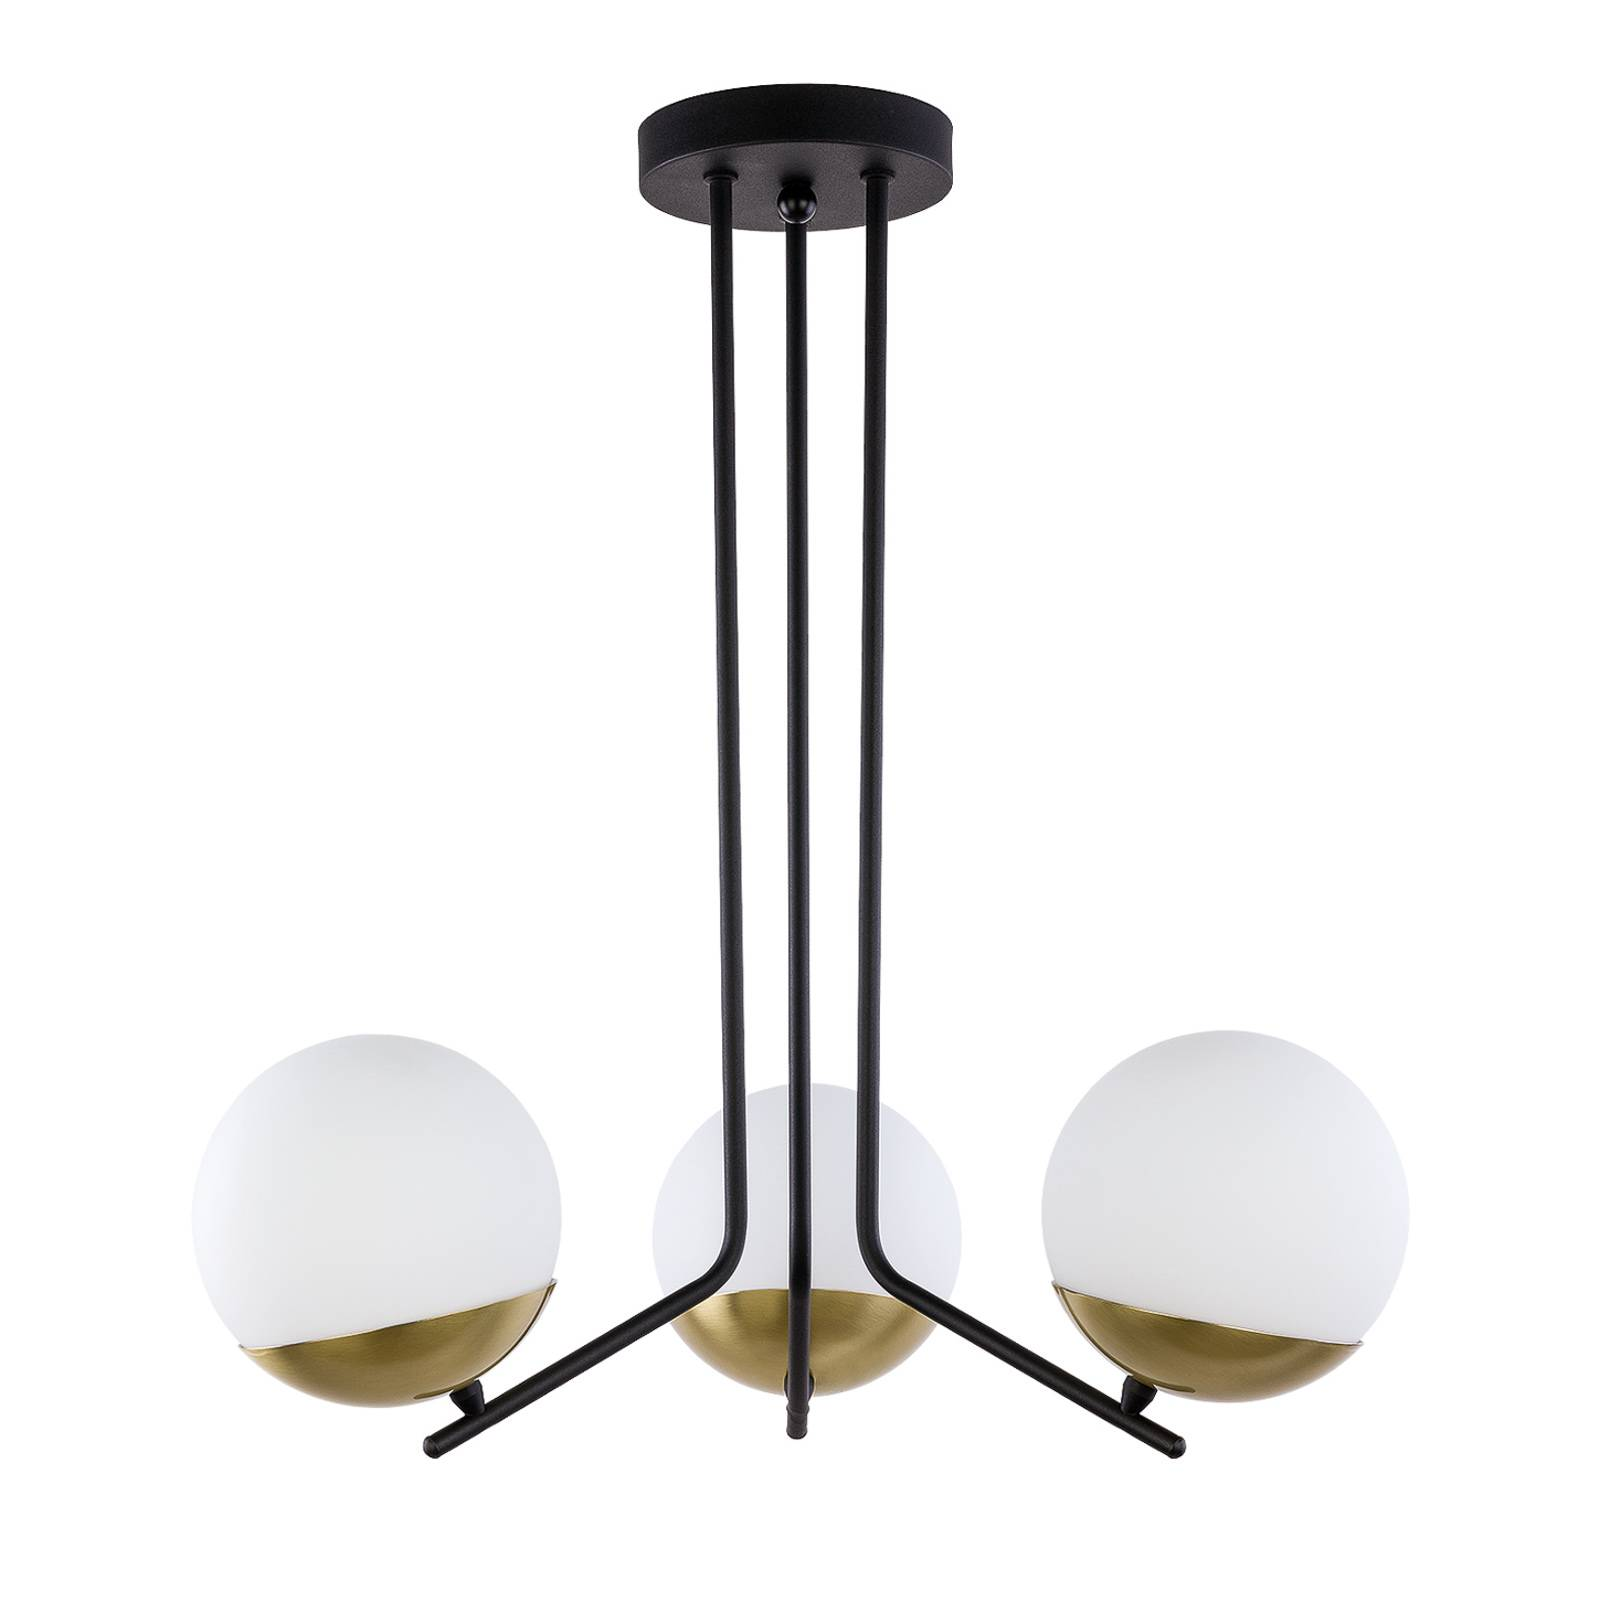 Suspension Torbole, opale/laiton, à 3 lampes